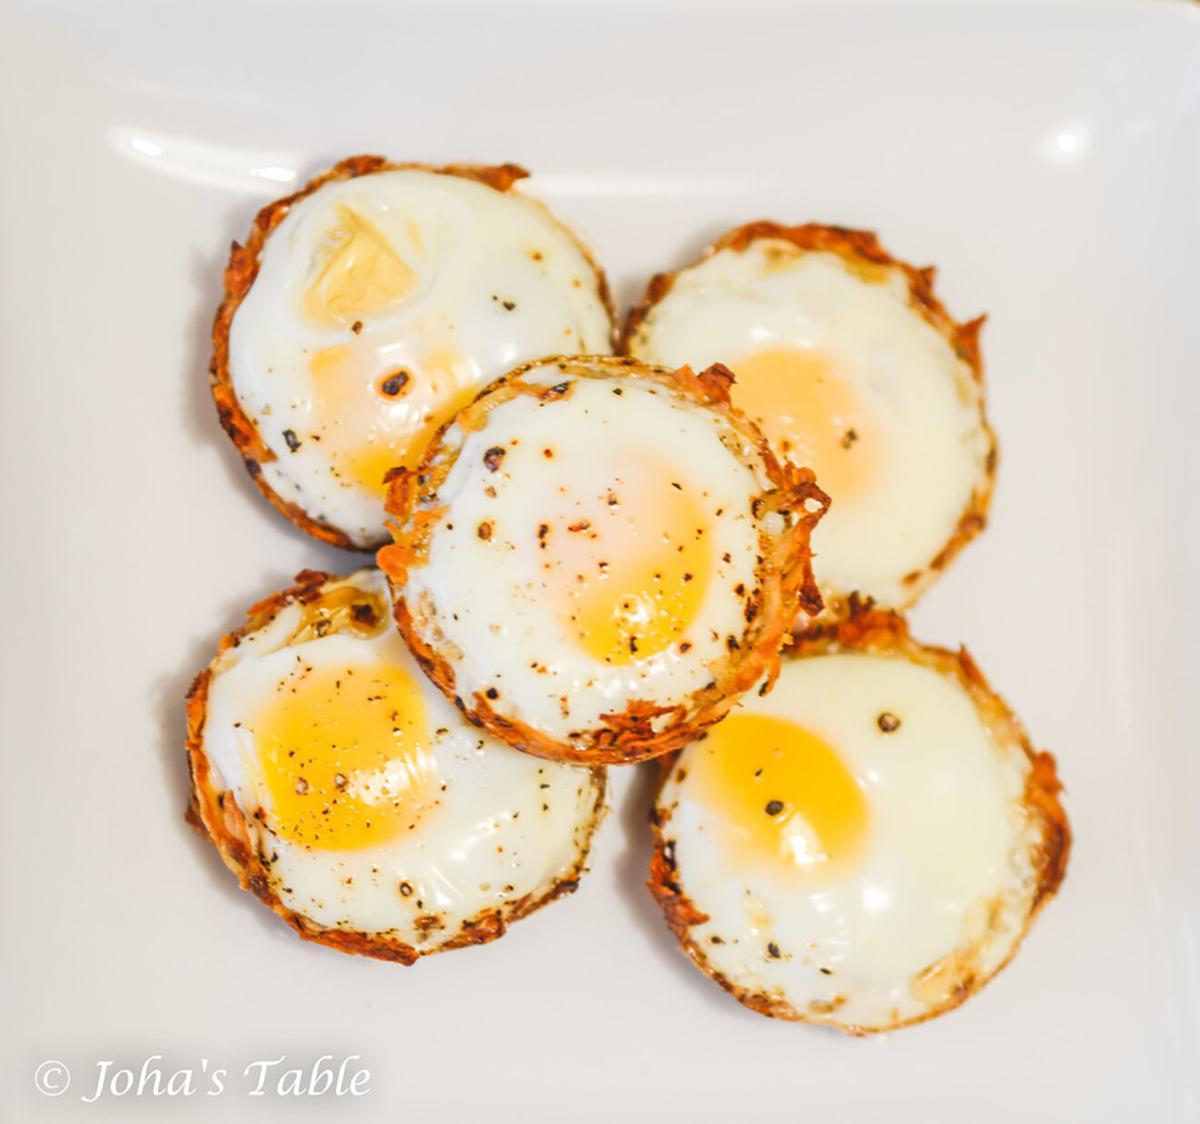 Eggs fru